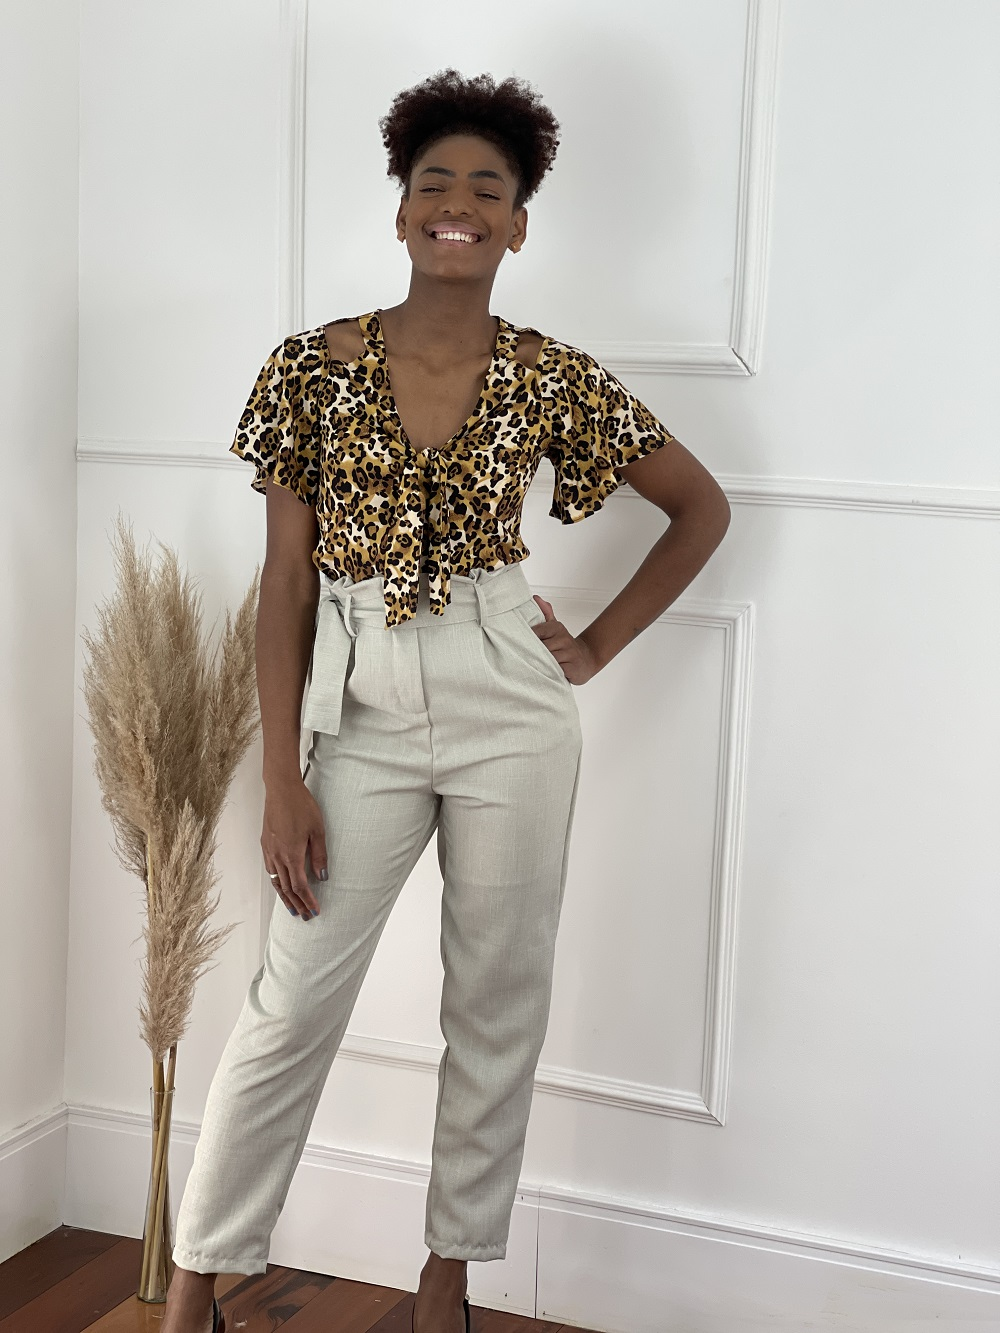 Look Pronto: Blusa Detalhe Laço Busto Estampada Animal Print + Calça Skinny em Polilinho Clochard Bege